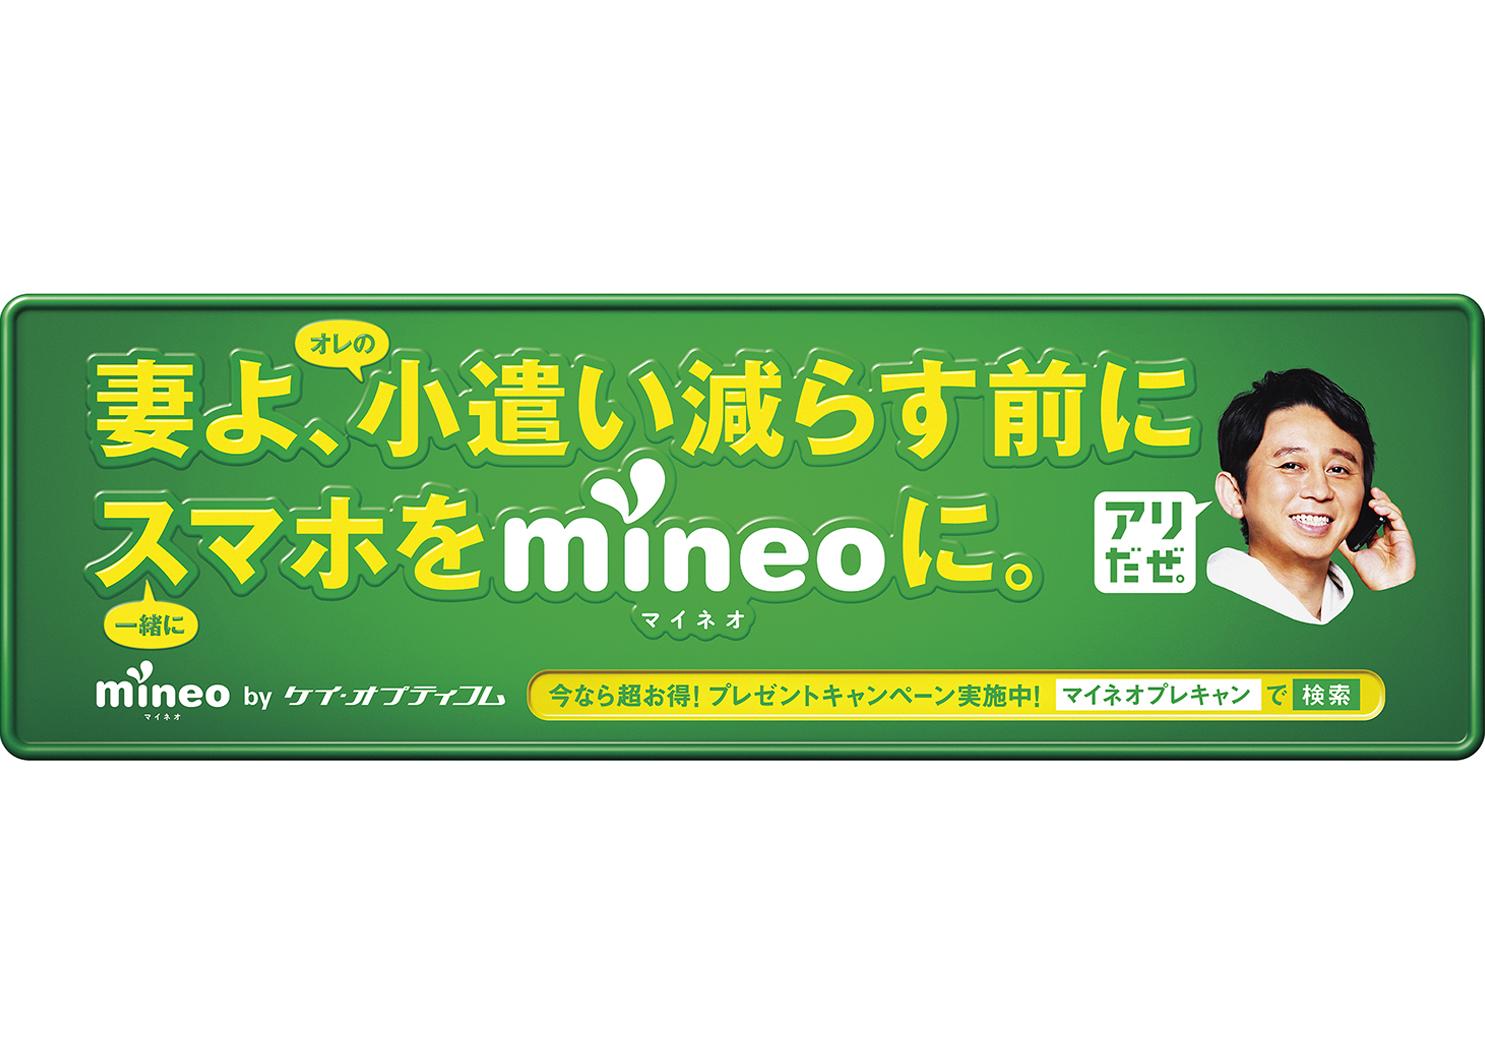 mineo graphic